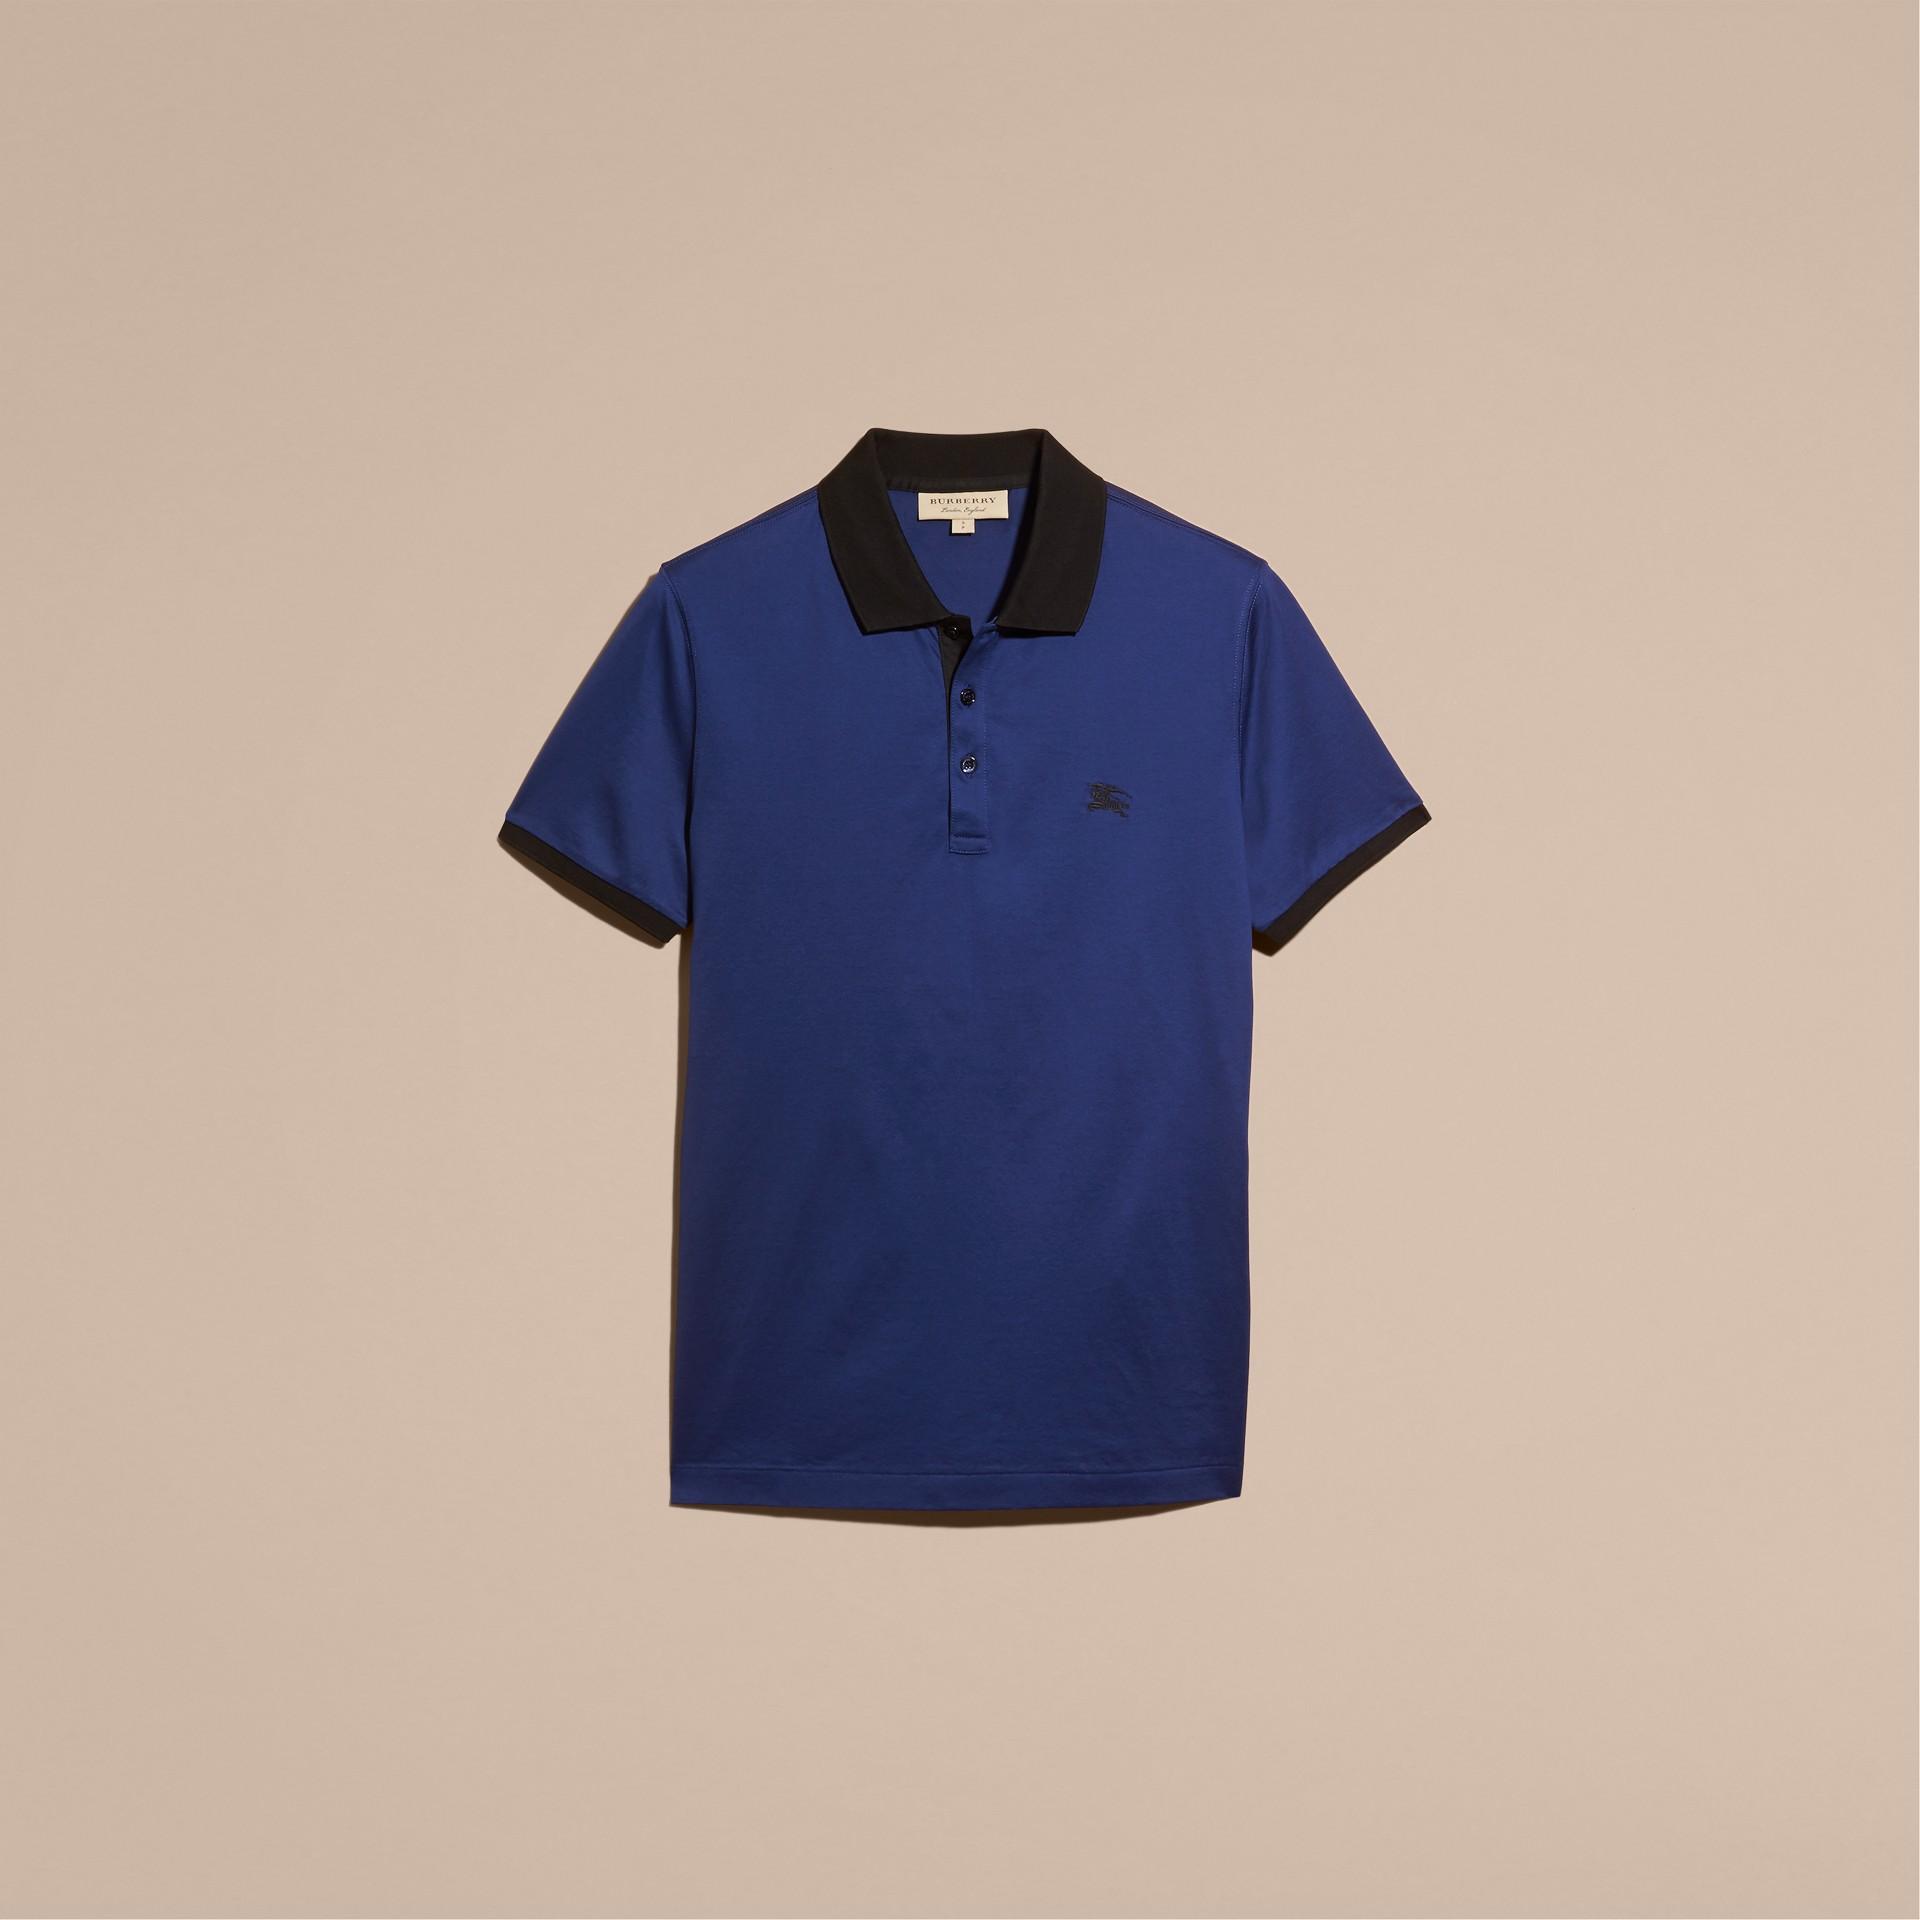 靛青 同色系飾邊合身棉質 Polo 衫 靛青 - 圖庫照片 4